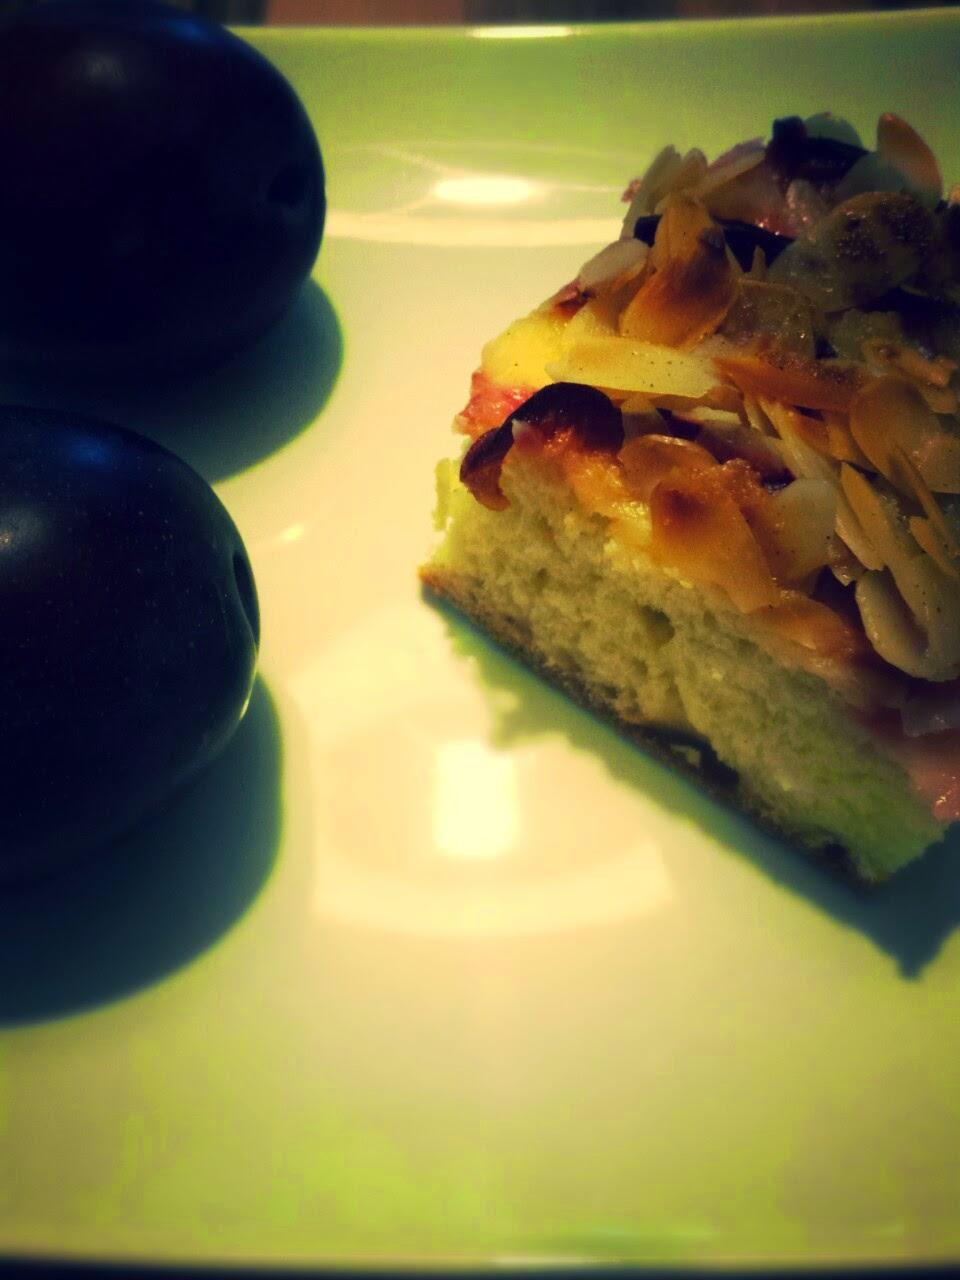 Zwetschgenkuchen auf einem Teller mit zwei Zwetschgen